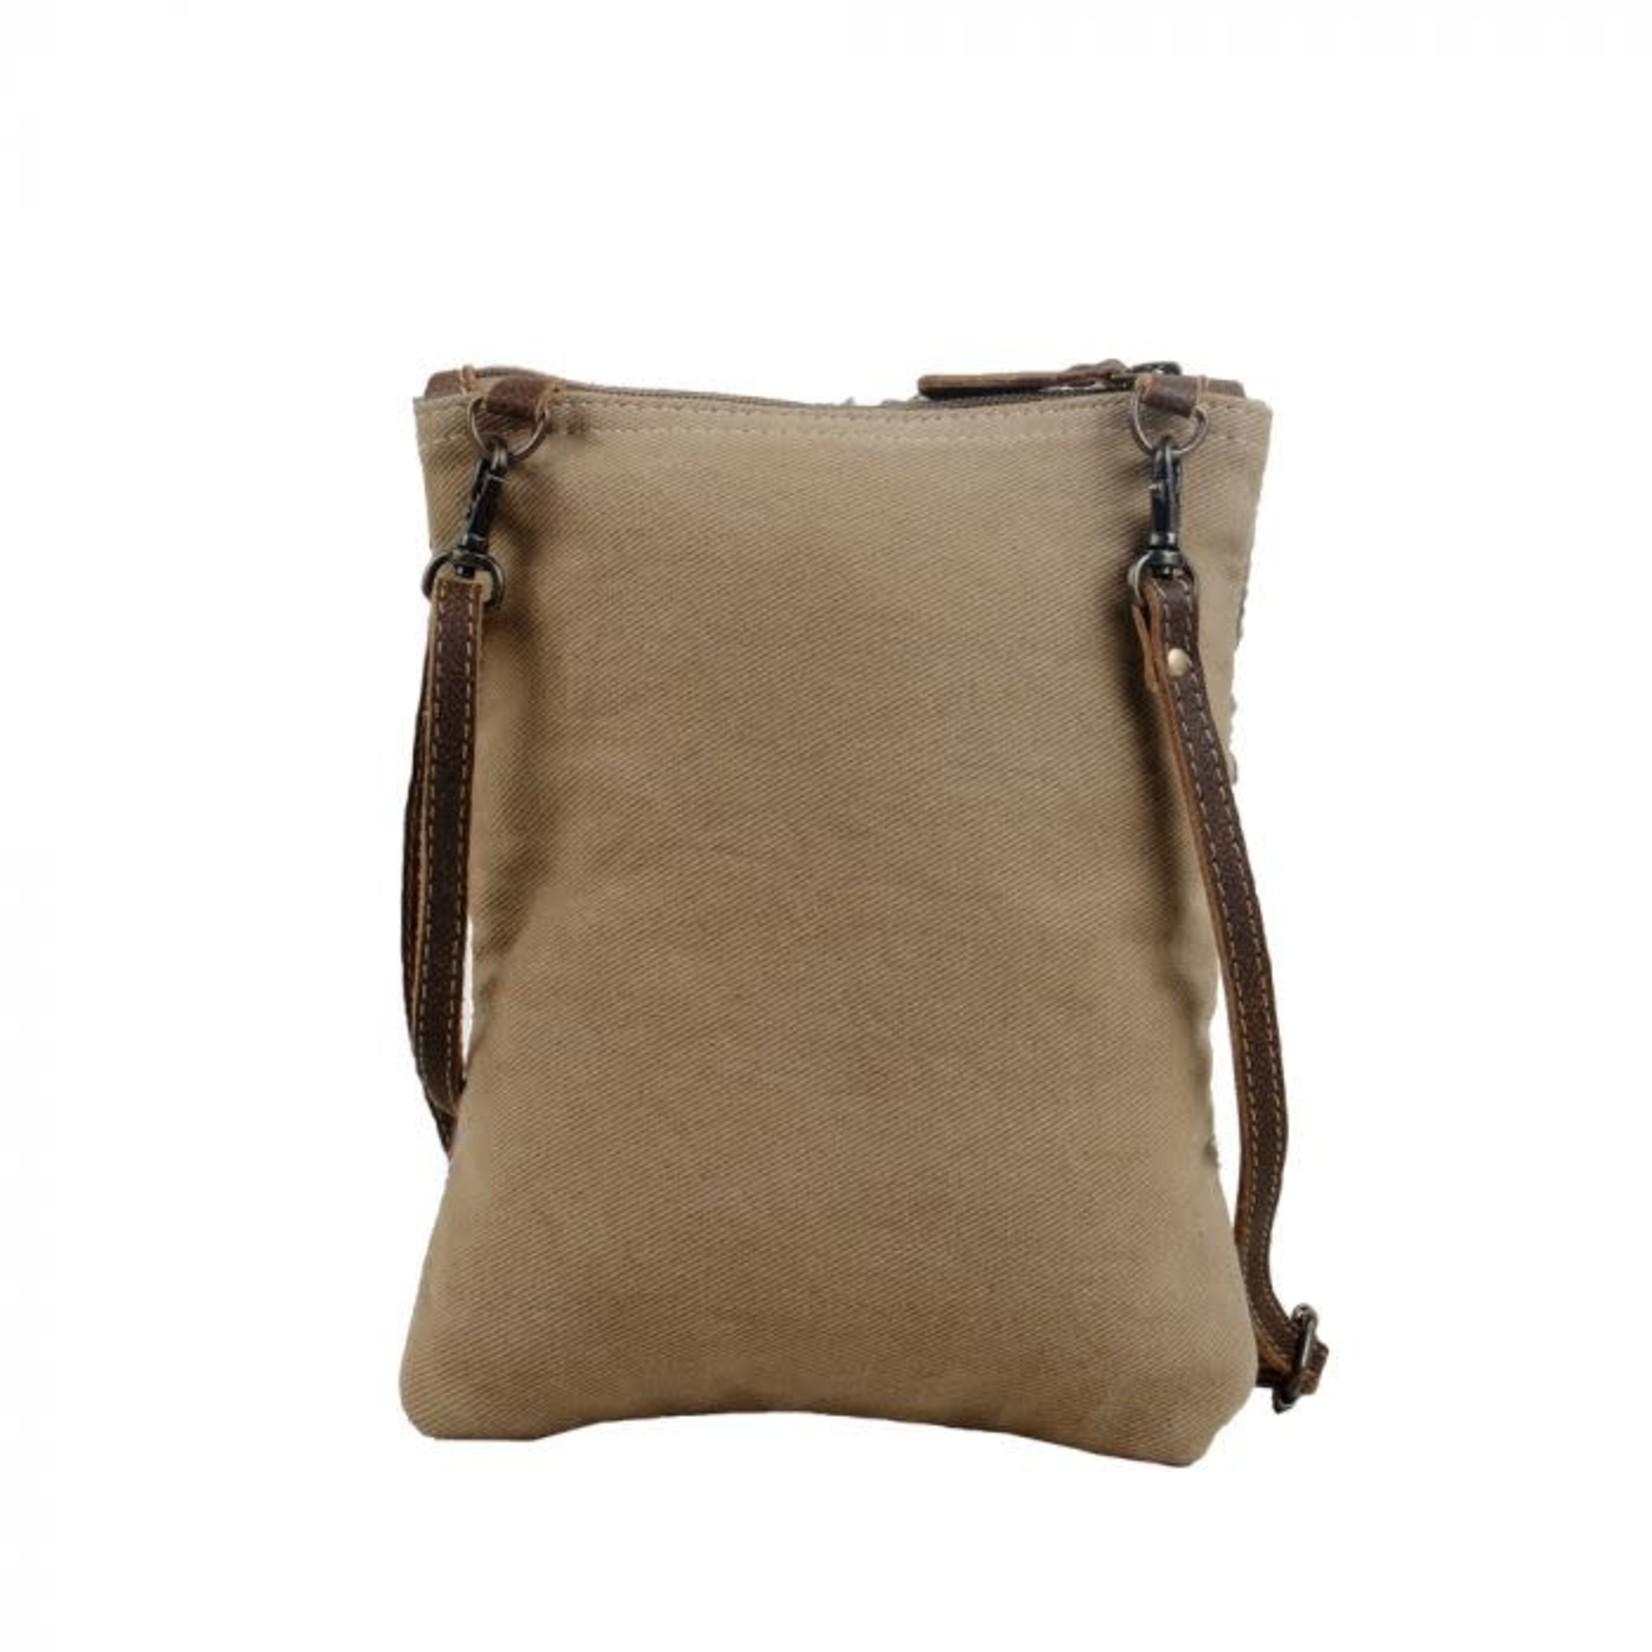 SIMPLE SOBER SMALL CROSSBODY BAG